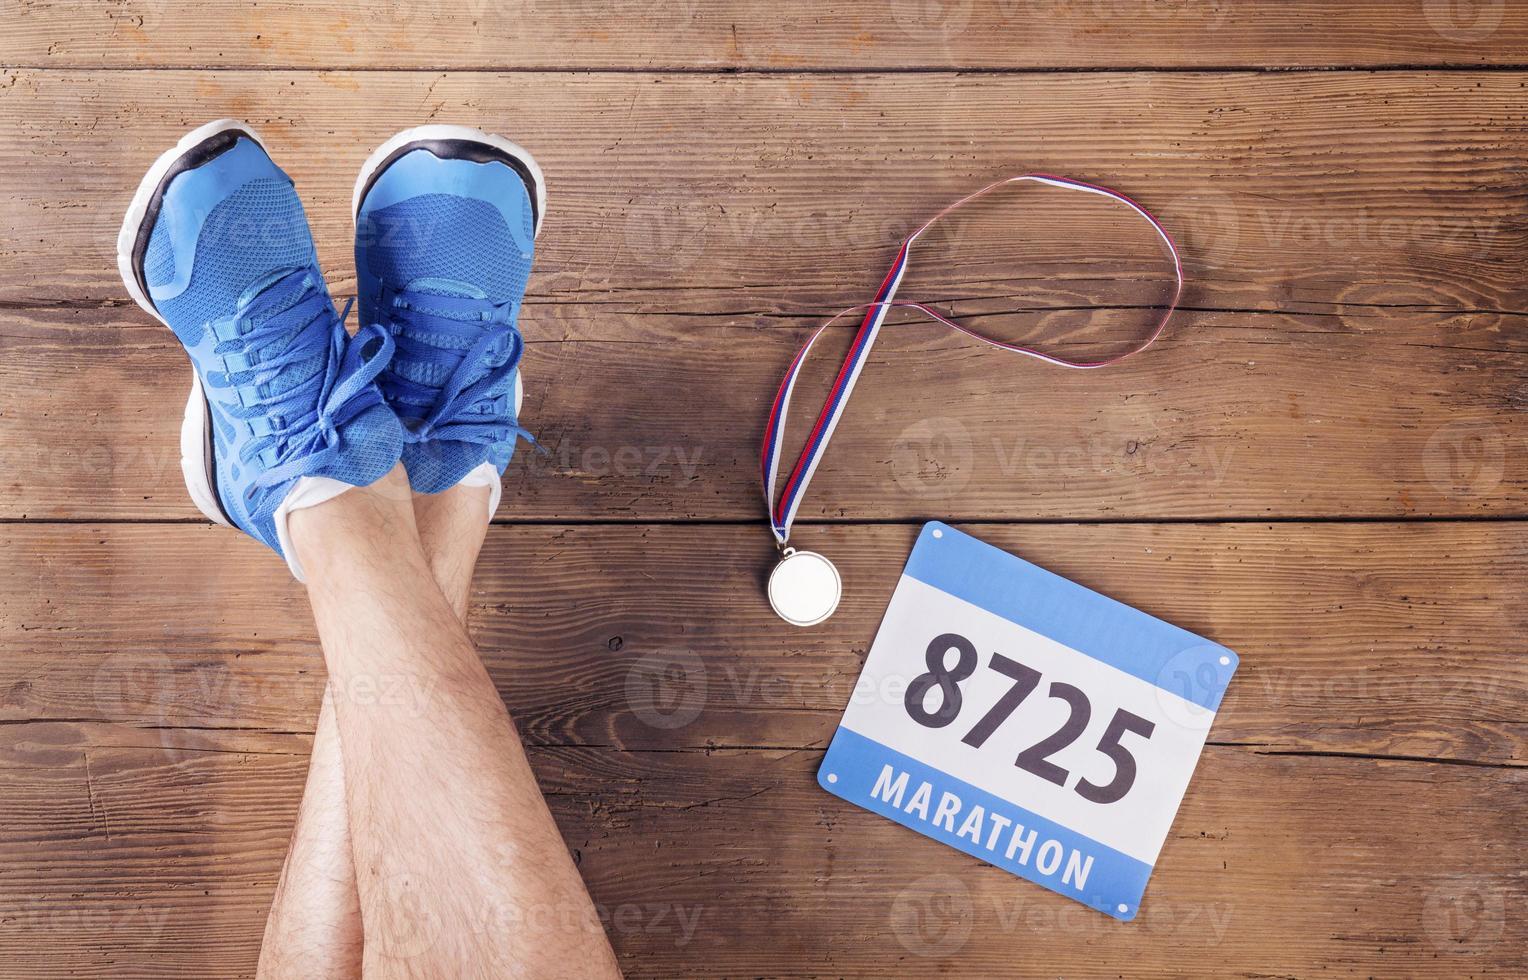 framgångsrik man maratonlöpare foto